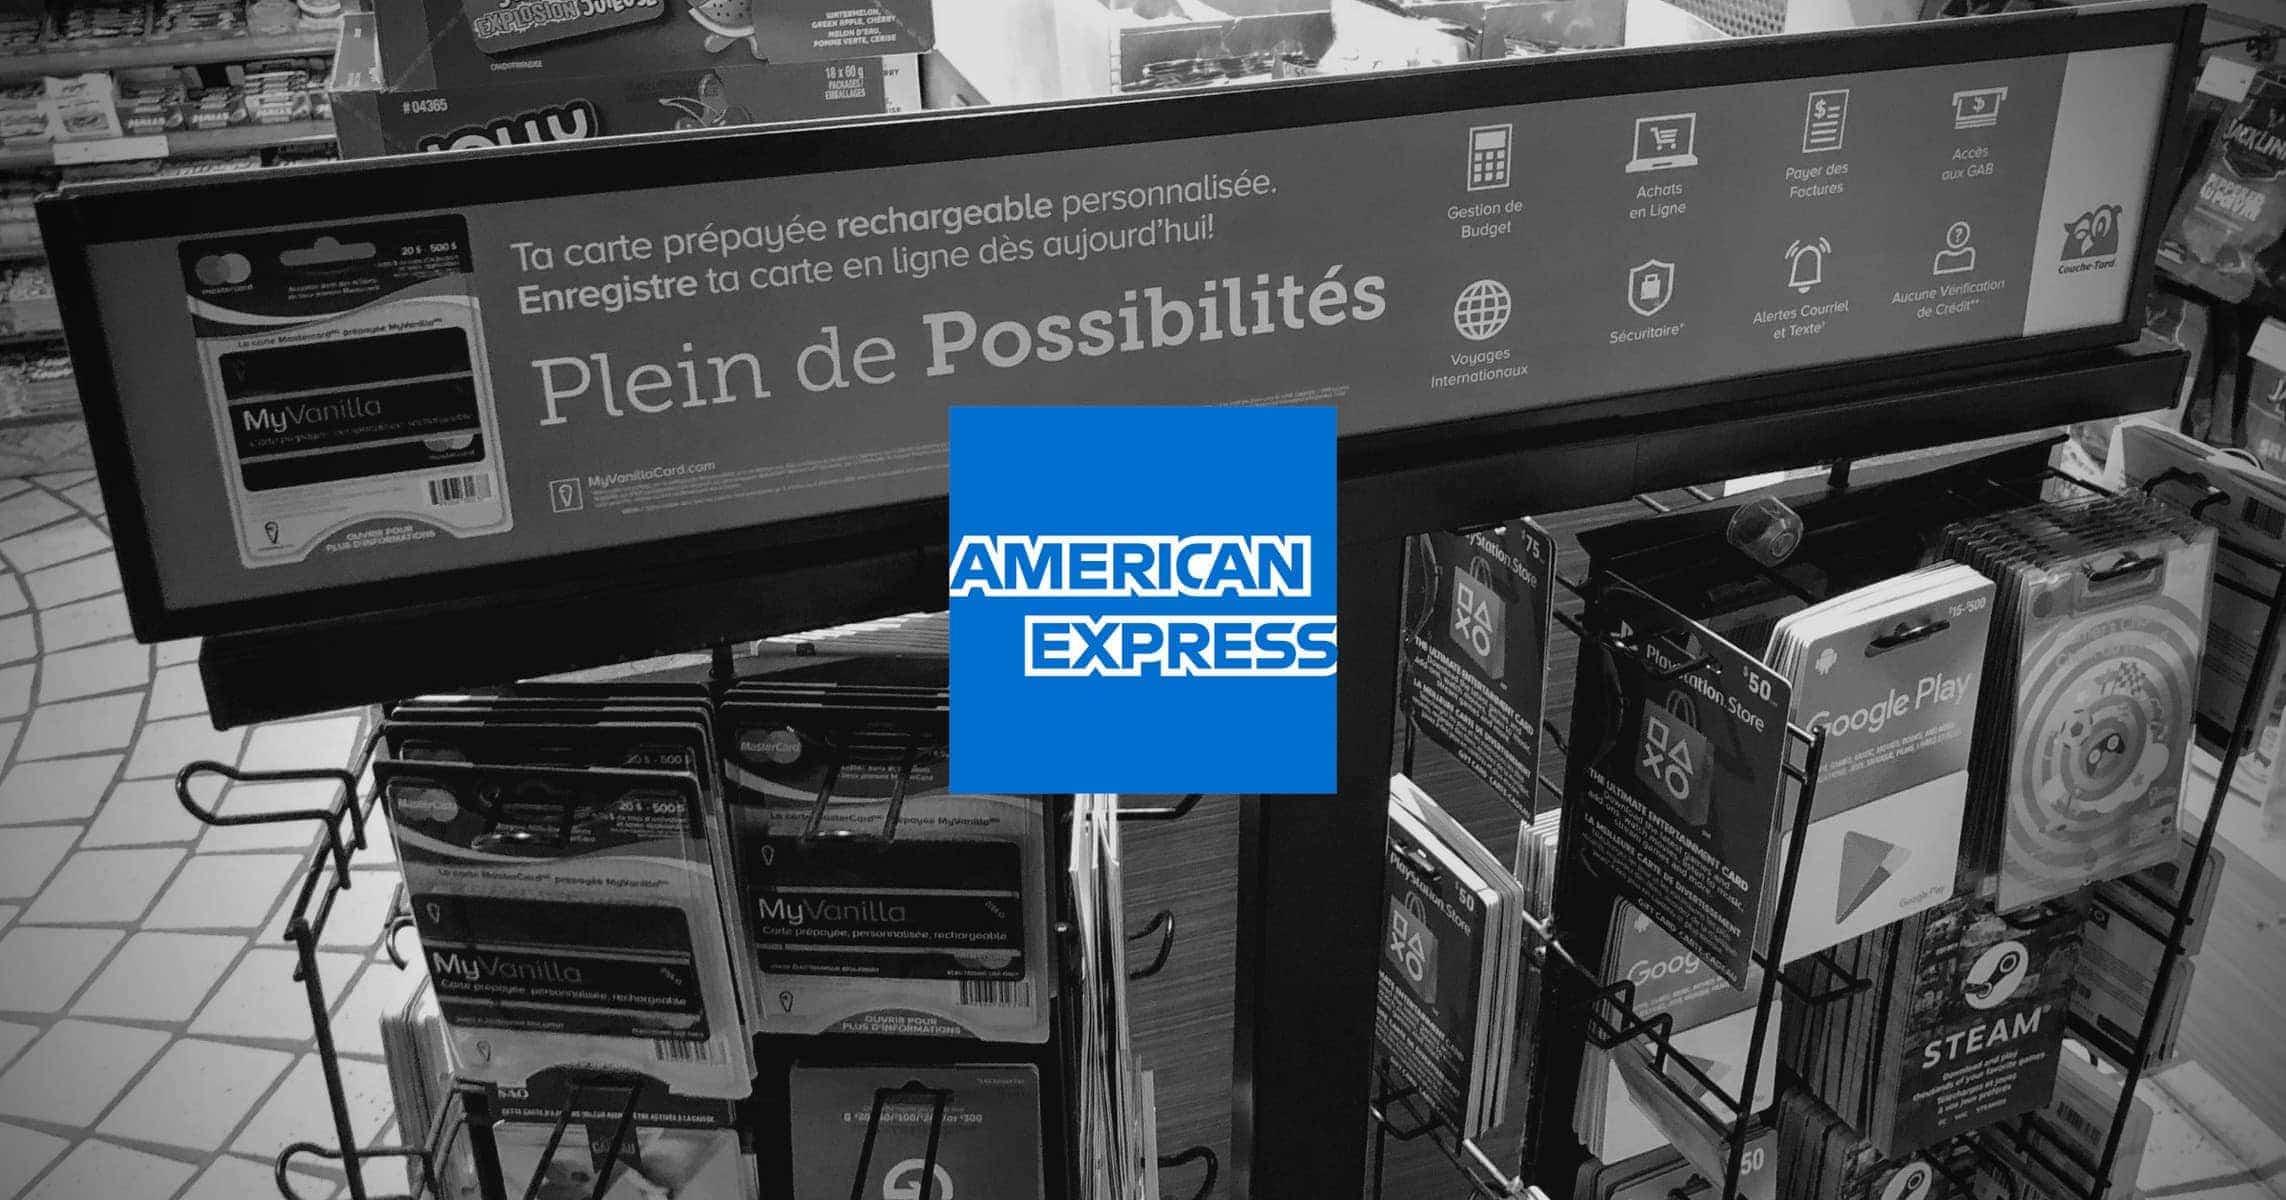 Virement Carte American Express.Les Cartes Cadeaux Prepayees Dans Le Viseur D American